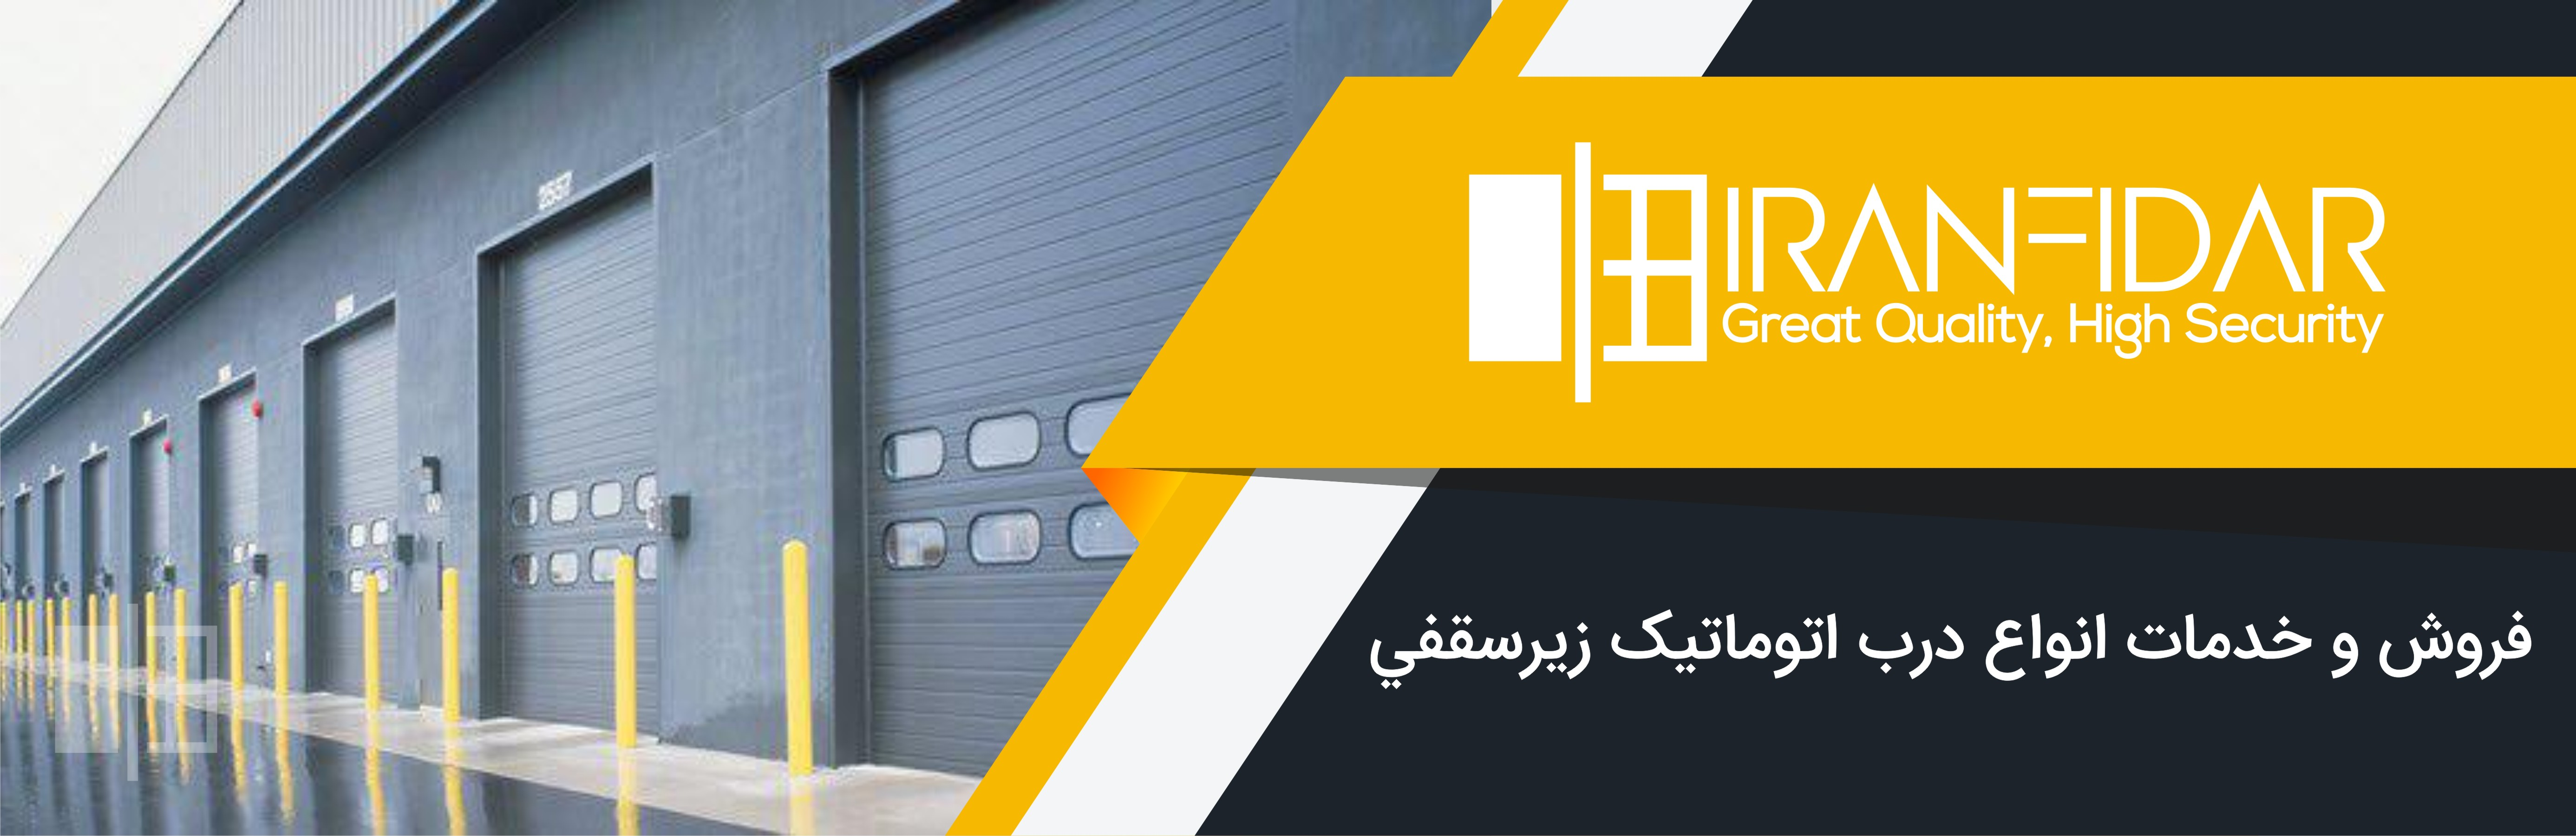 درب اتوماتیک زیر سقفی پارکینگ | ایران فیدار